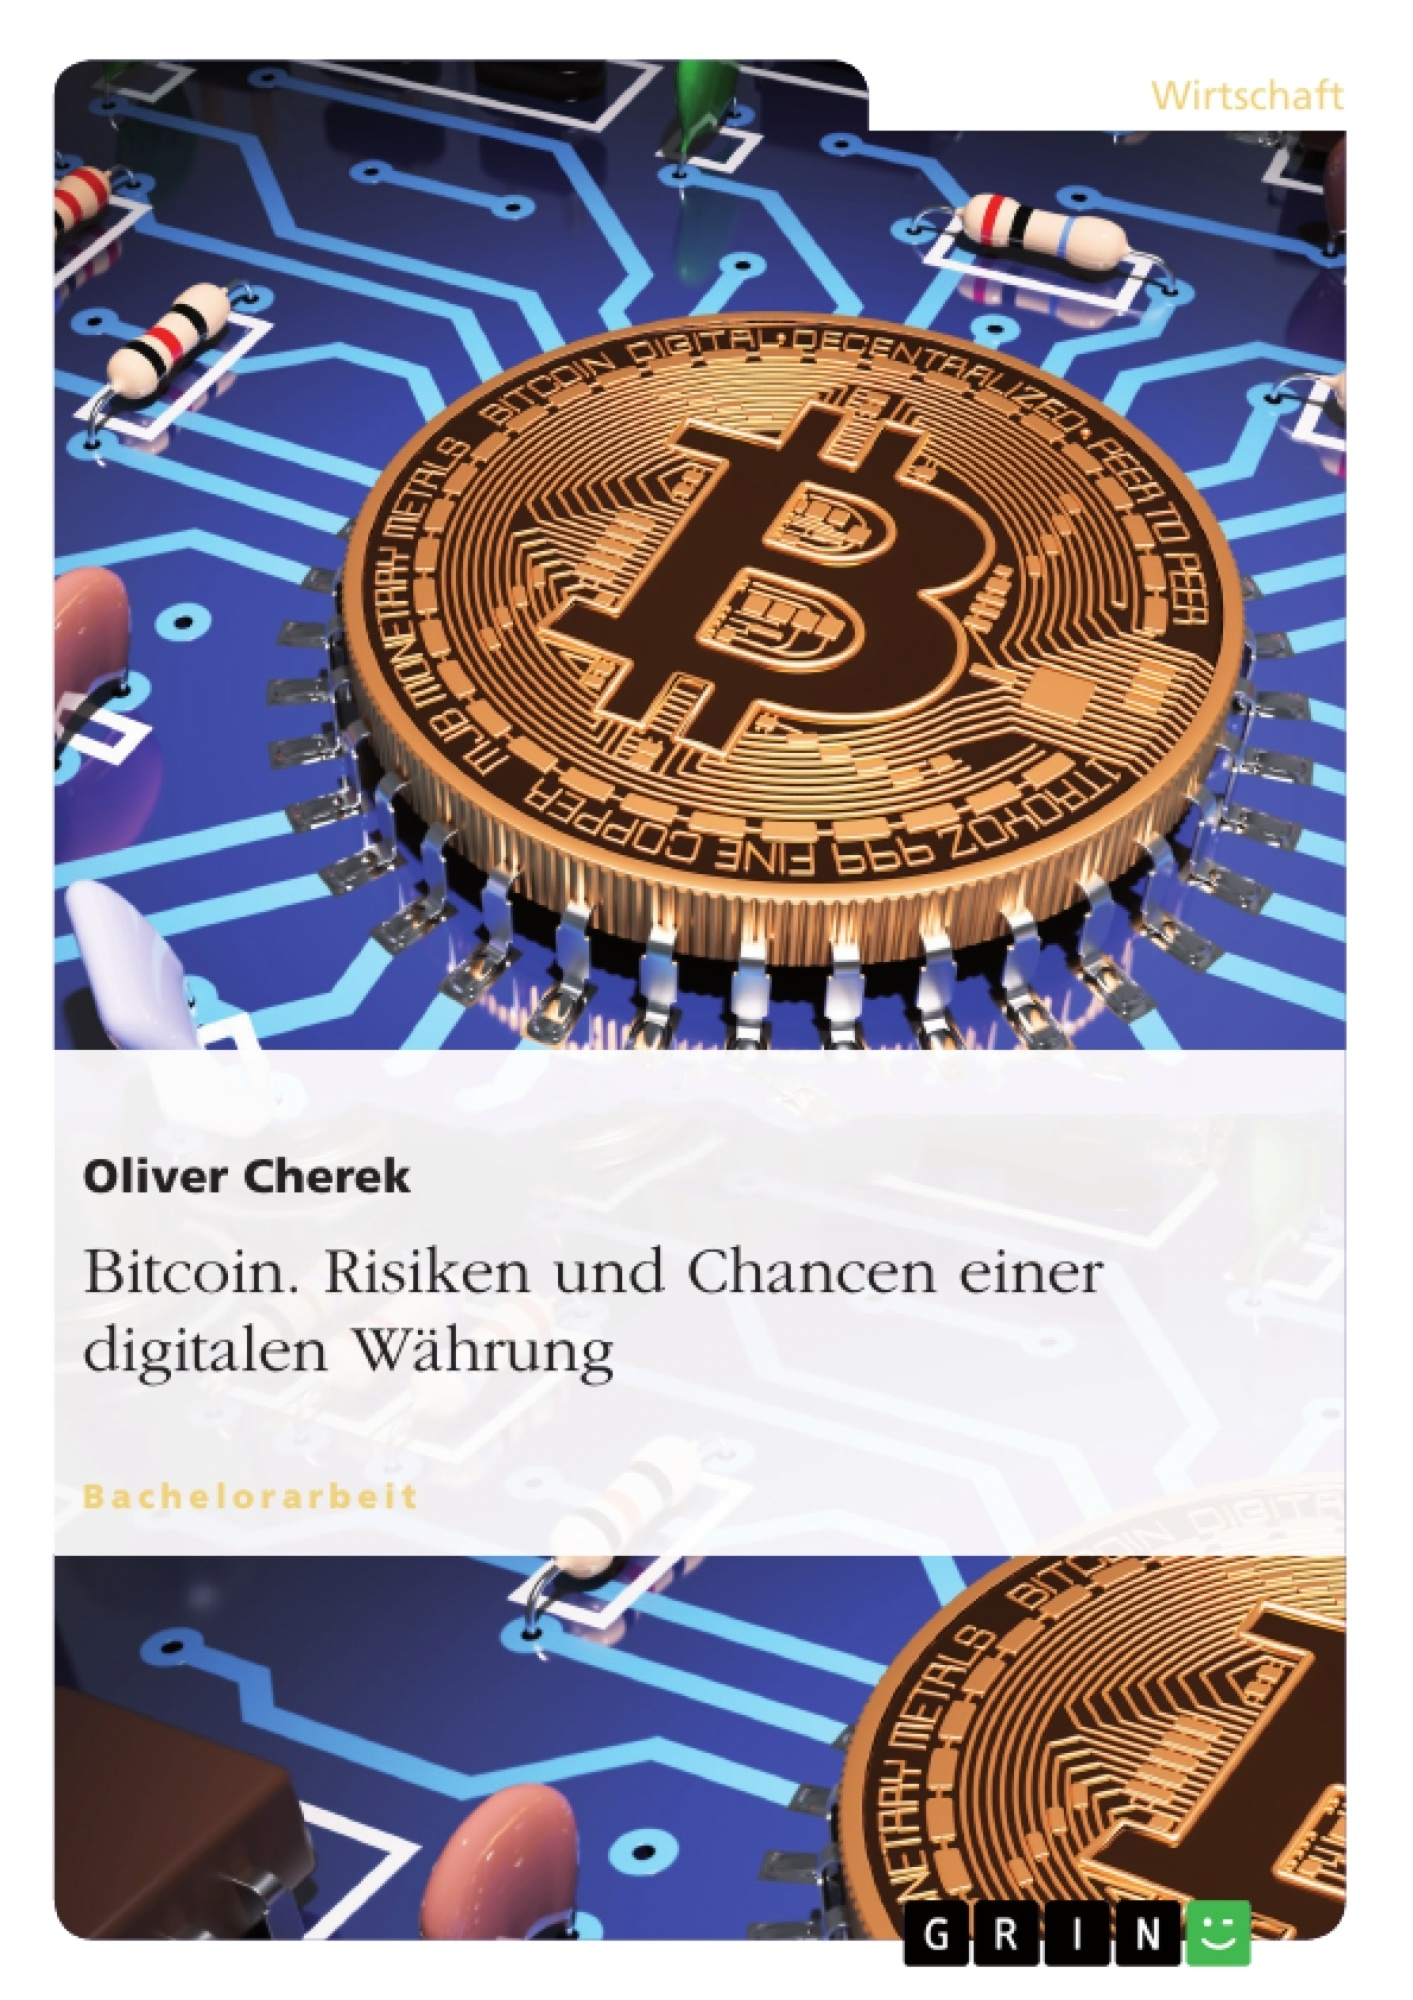 Bitcoin Risiken Und Chancen Einer Digitalen Währung Masterarbeit